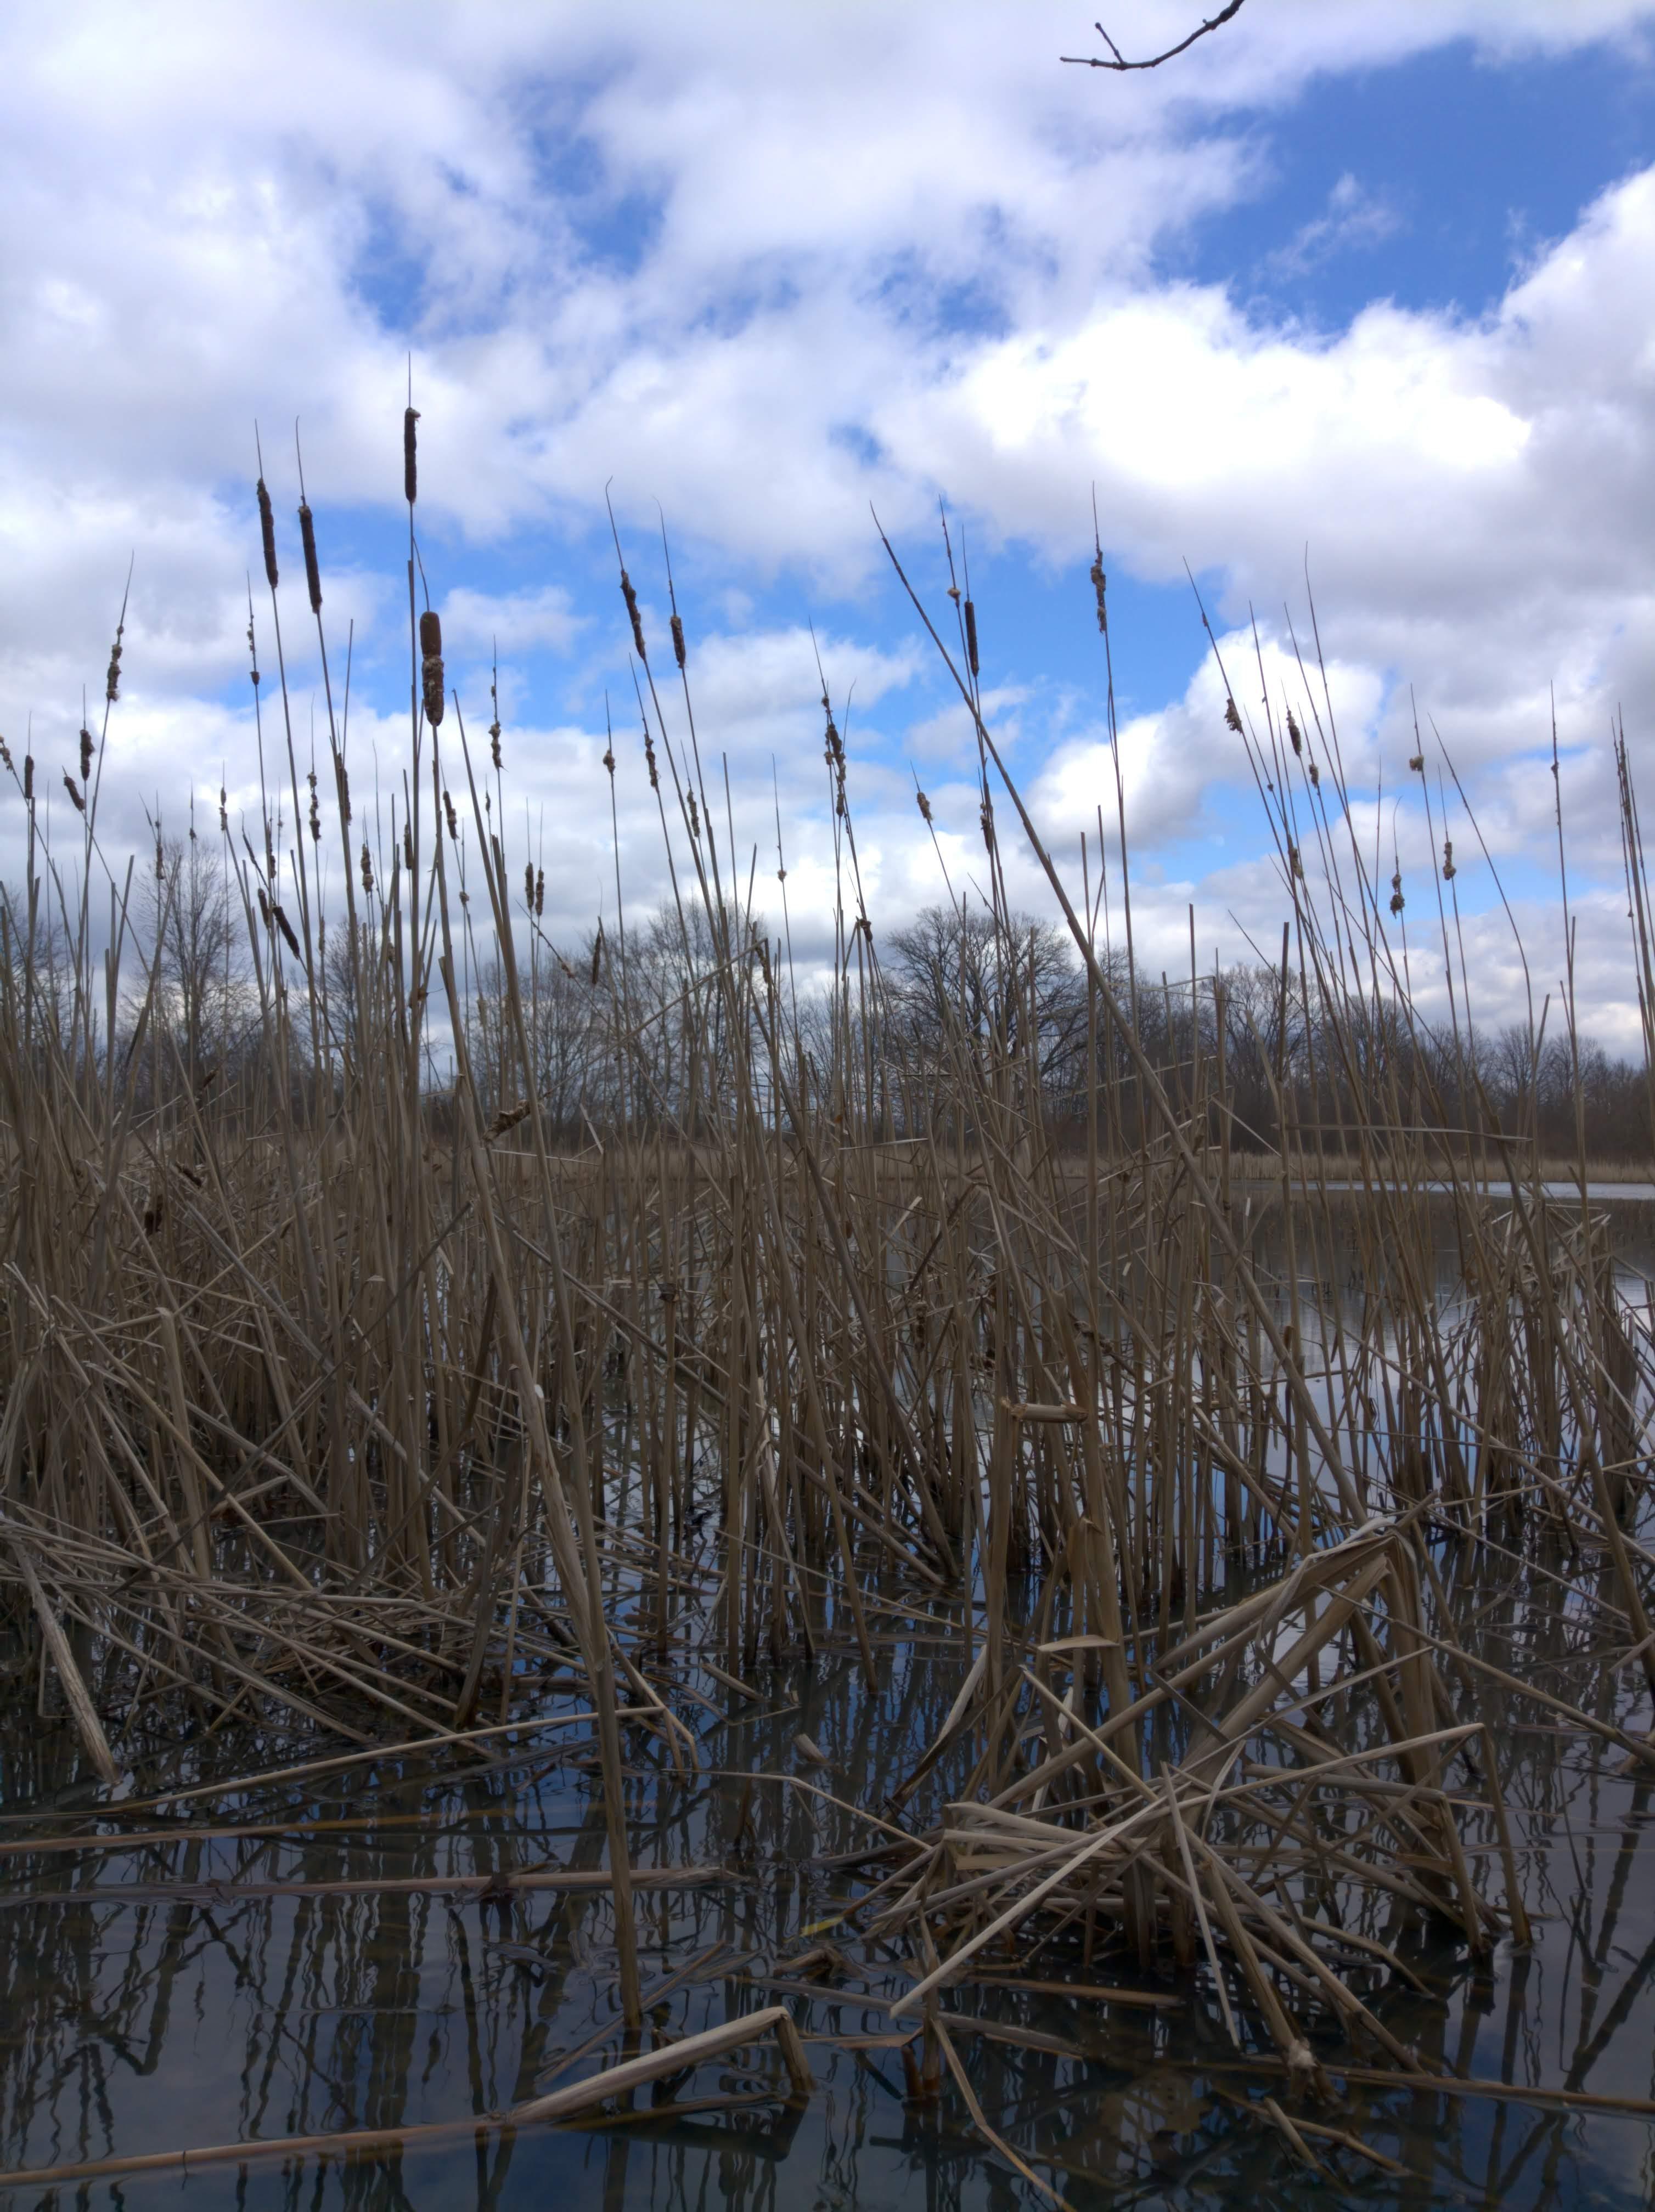 ガマ, 湿地, 雲の無料の写真素材